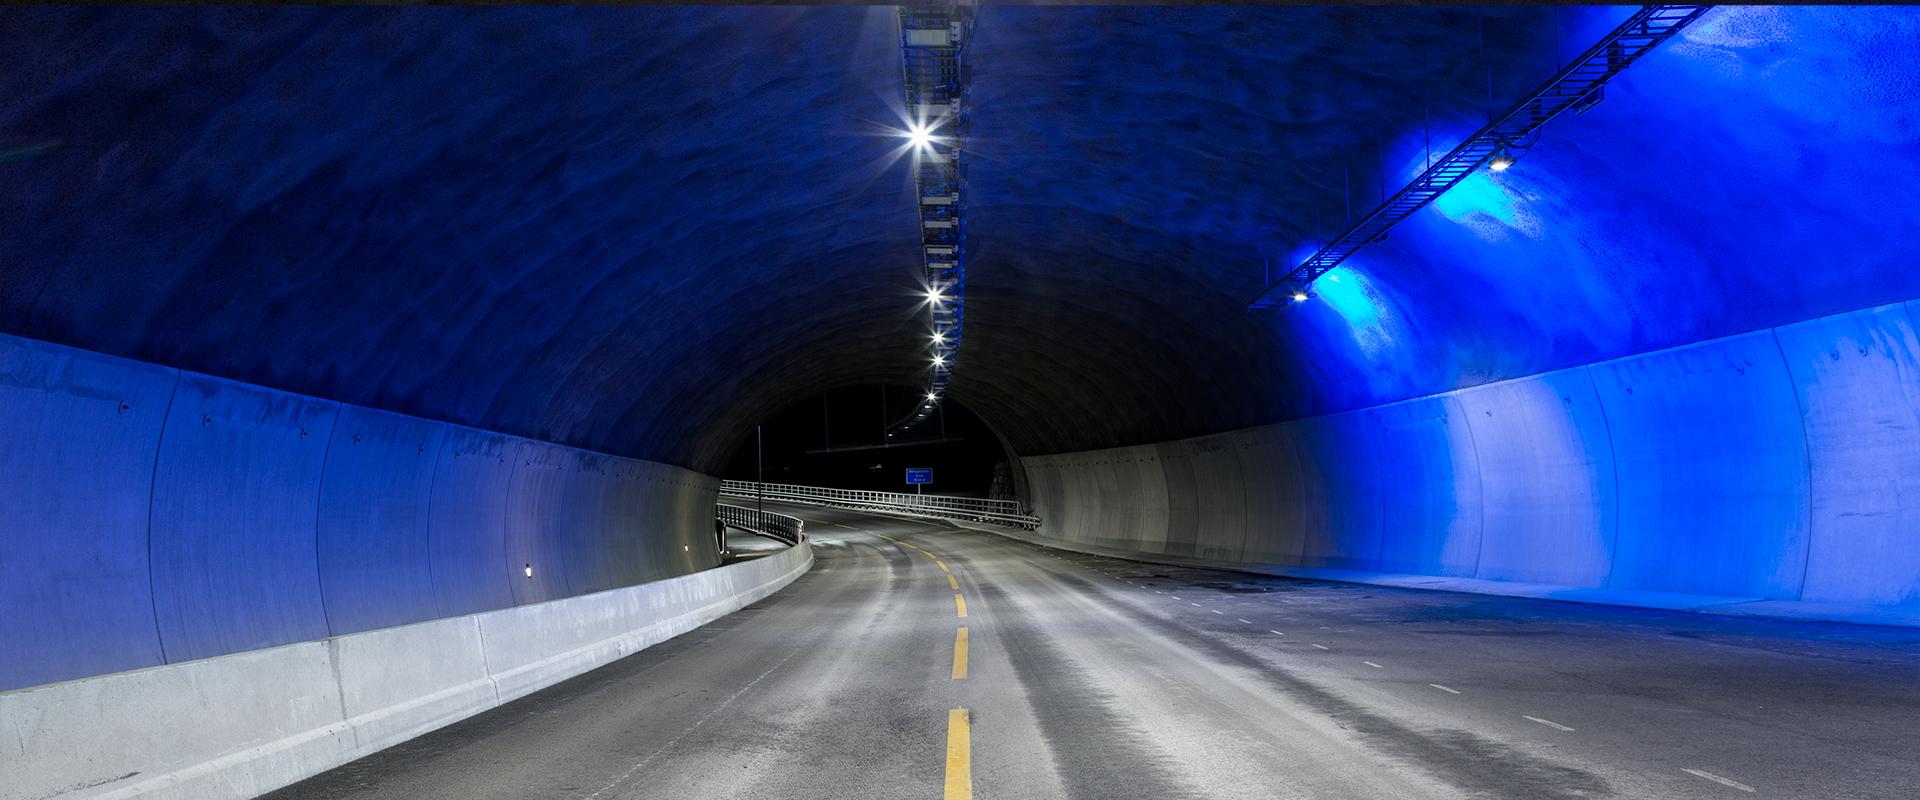 Faro LED stradale per pubblica illuminazione